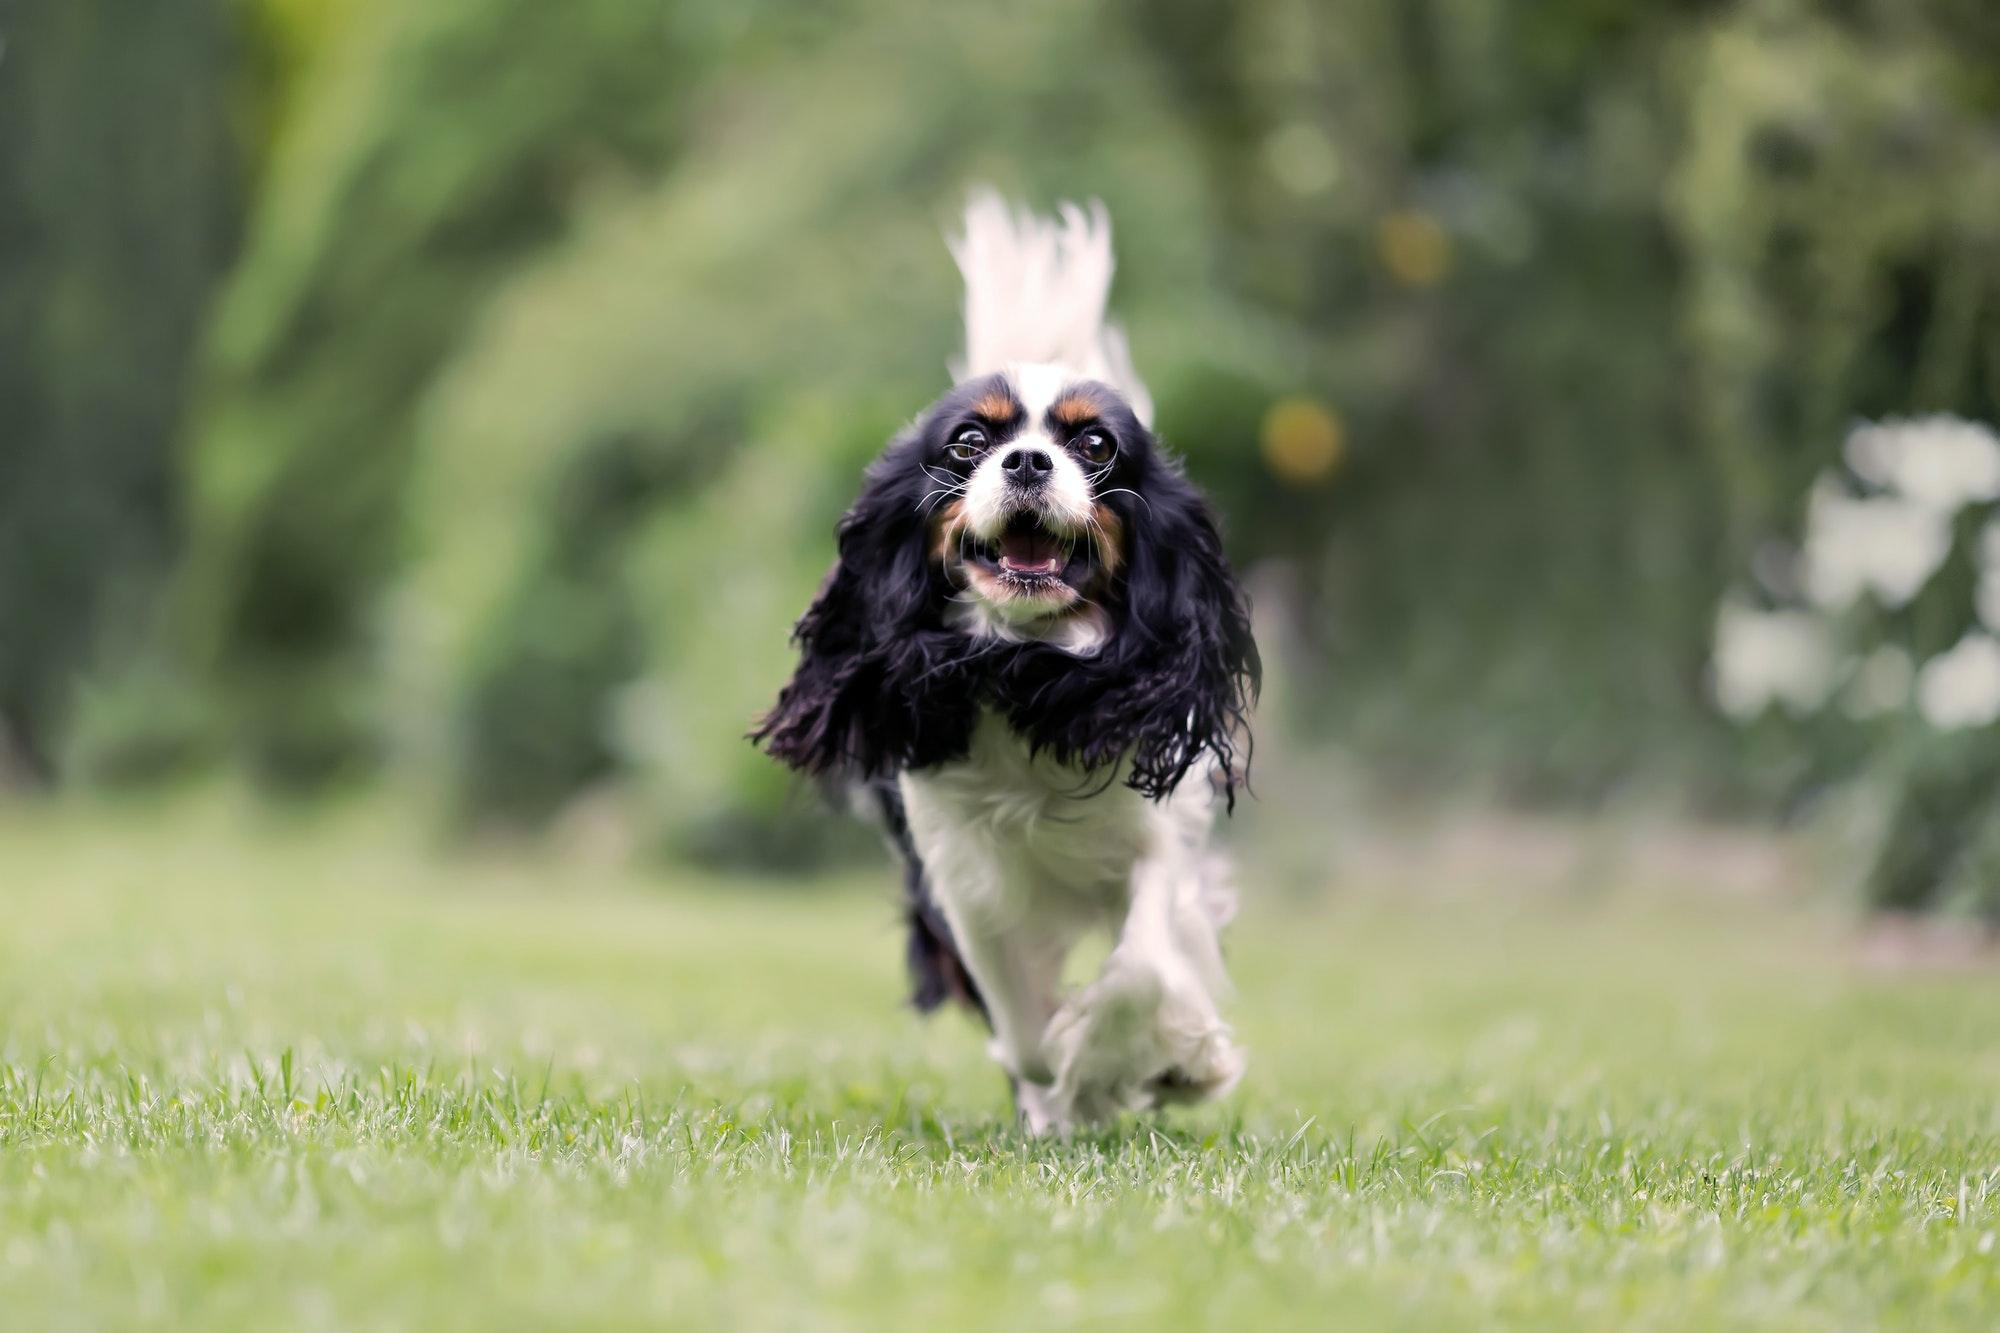 Dog walking through the garden